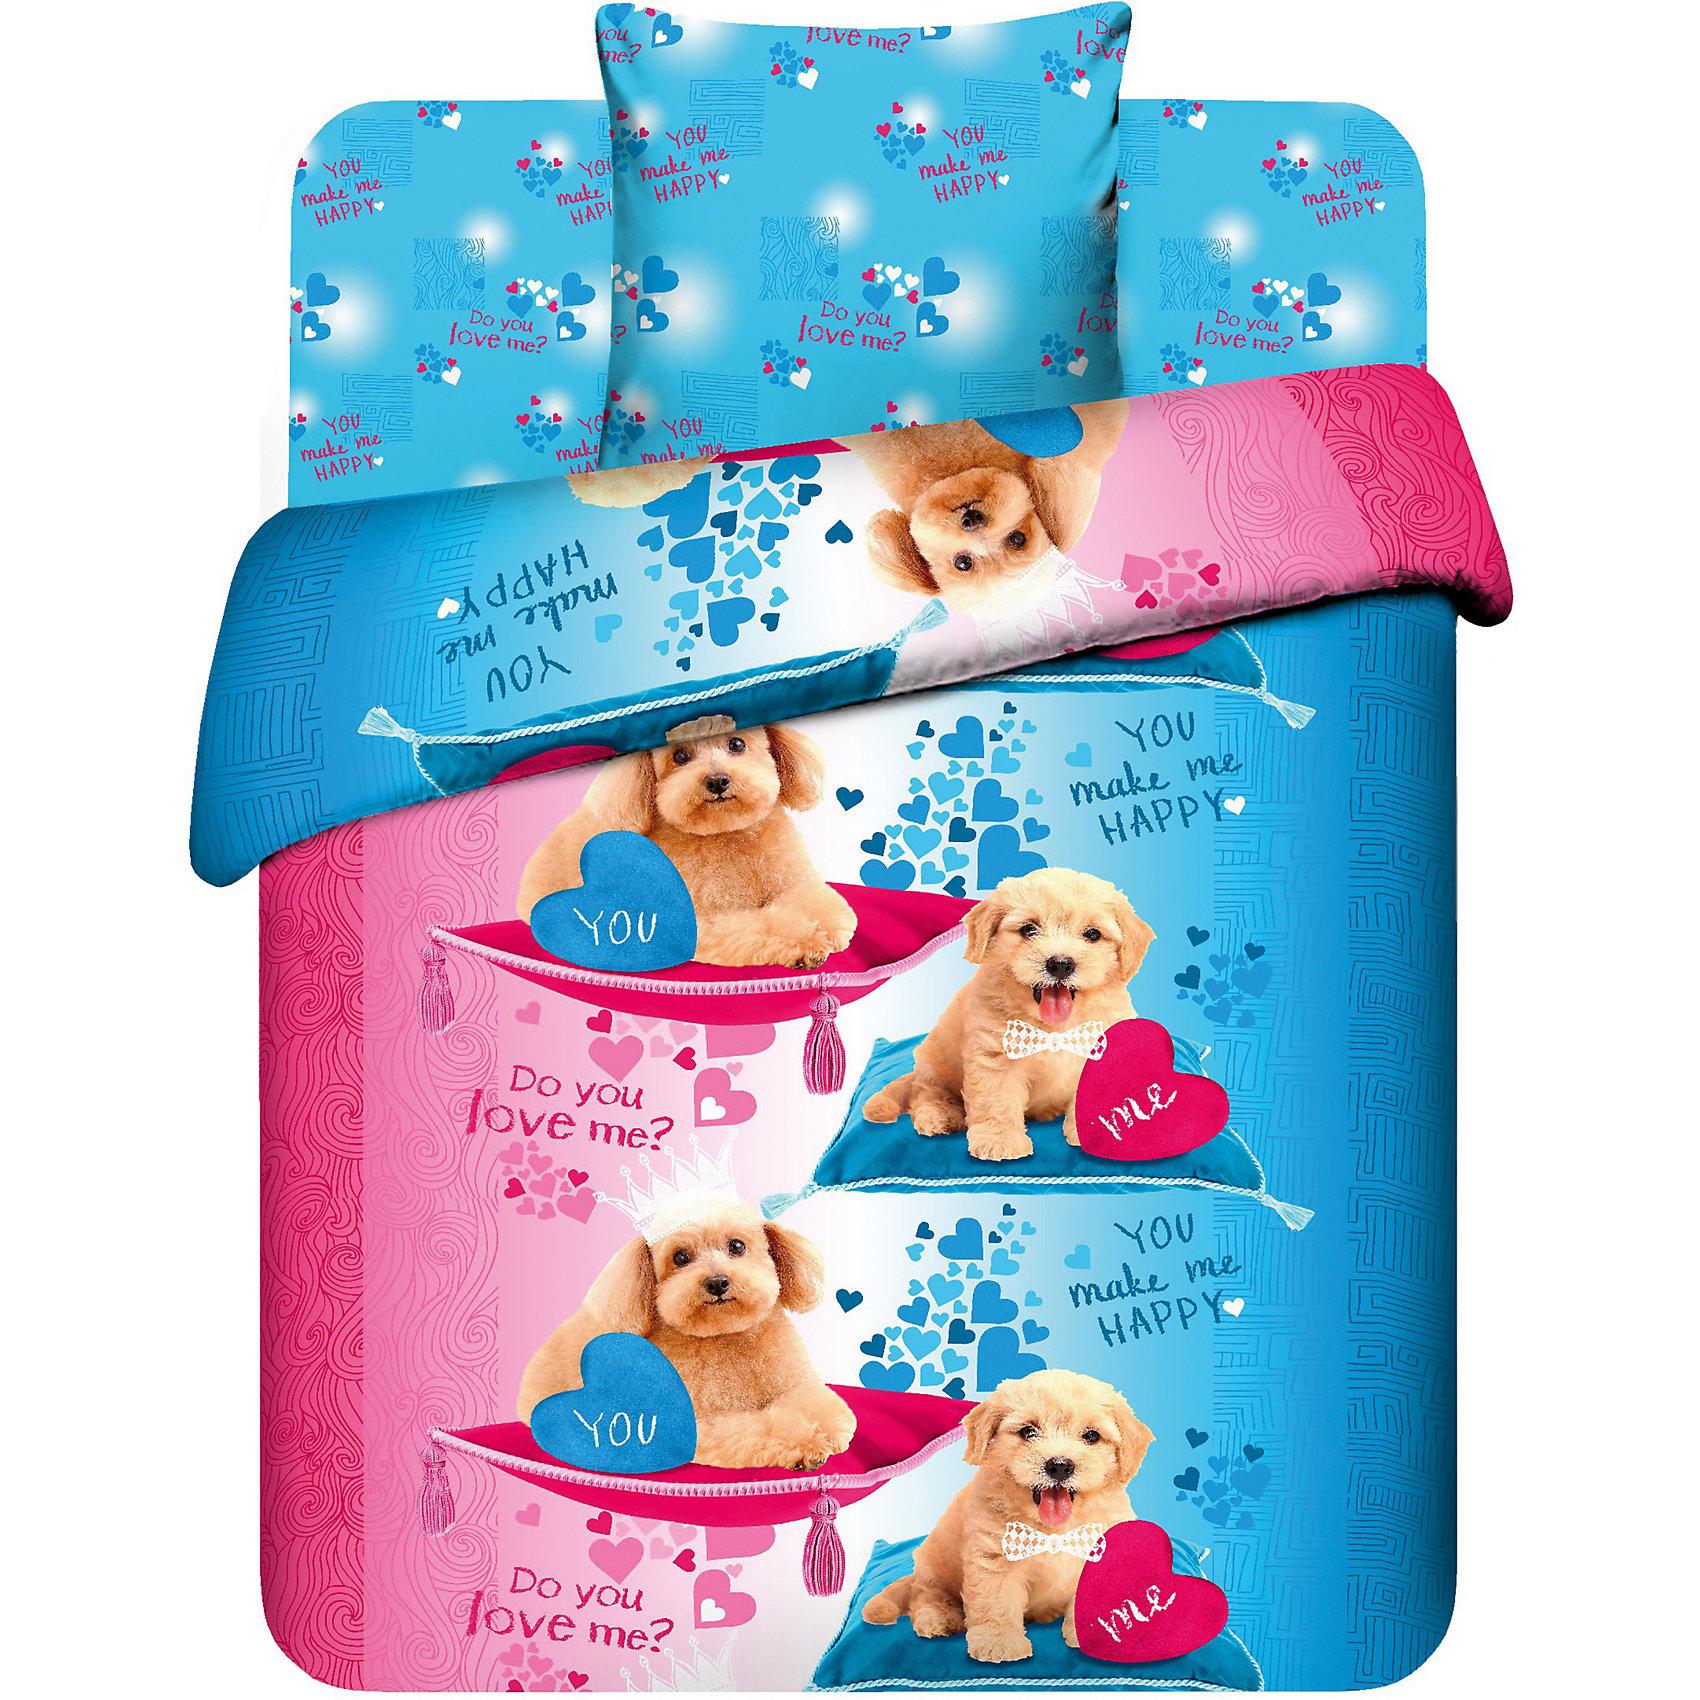 Комплект Щенята (наволочка 70*70 см) 1,5-спальный, ВасилёкДомашний текстиль<br>Комплект Щенята (наволочка 70*70 см) 1,5-спальный, Василёк произведен из натурального хлопка, создающего нужный микроклимат, который идеально впитывает влагу и пропускает воздух. <br>В совокупности с привлекательным дизайном в виде изображений милых щенят надписей на английском языке «Ты любишь меня?» и «Ты делаешь меня счастливым» этот набор постельного белья отлично украсит любую спальню и обеспечит спокойный сон всем маленьким любителям животных.<br><br>Характеристики:<br>-100 % хлопок<br>-Легко гладится<br>-Долговечность<br>-Гипоалергенно<br>-Яркий дизайн <br><br>Комплектация: простыня, пододеяльник, наволочка <br><br>Дополнительная информация:<br>-Вес в упаковке: 1,5 кг<br>-Размеры в упаковке: 30х5х30 см<br>-Размеры простыни: 150х214 см<br>-Размеры пододеяльника: 148х215 см<br>-Размеры наволочки: 70х70 см<br>-Материалы: бязь (хлопок 100 %)<br><br>Если Вы в поисках полезного подарка своему ребенку, остановите свой выбор на комплекте постельного белья «Щенята» –  он удовлетворит самому взыскательному вкусу! <br><br>Комплект Щенята (наволочка 70*70 см) 1,5-спальный, Василёк можно купить в нашем магазине.<br><br>Ширина мм: 300<br>Глубина мм: 50<br>Высота мм: 300<br>Вес г: 1500<br>Возраст от месяцев: 36<br>Возраст до месяцев: 168<br>Пол: Женский<br>Возраст: Детский<br>SKU: 4044205